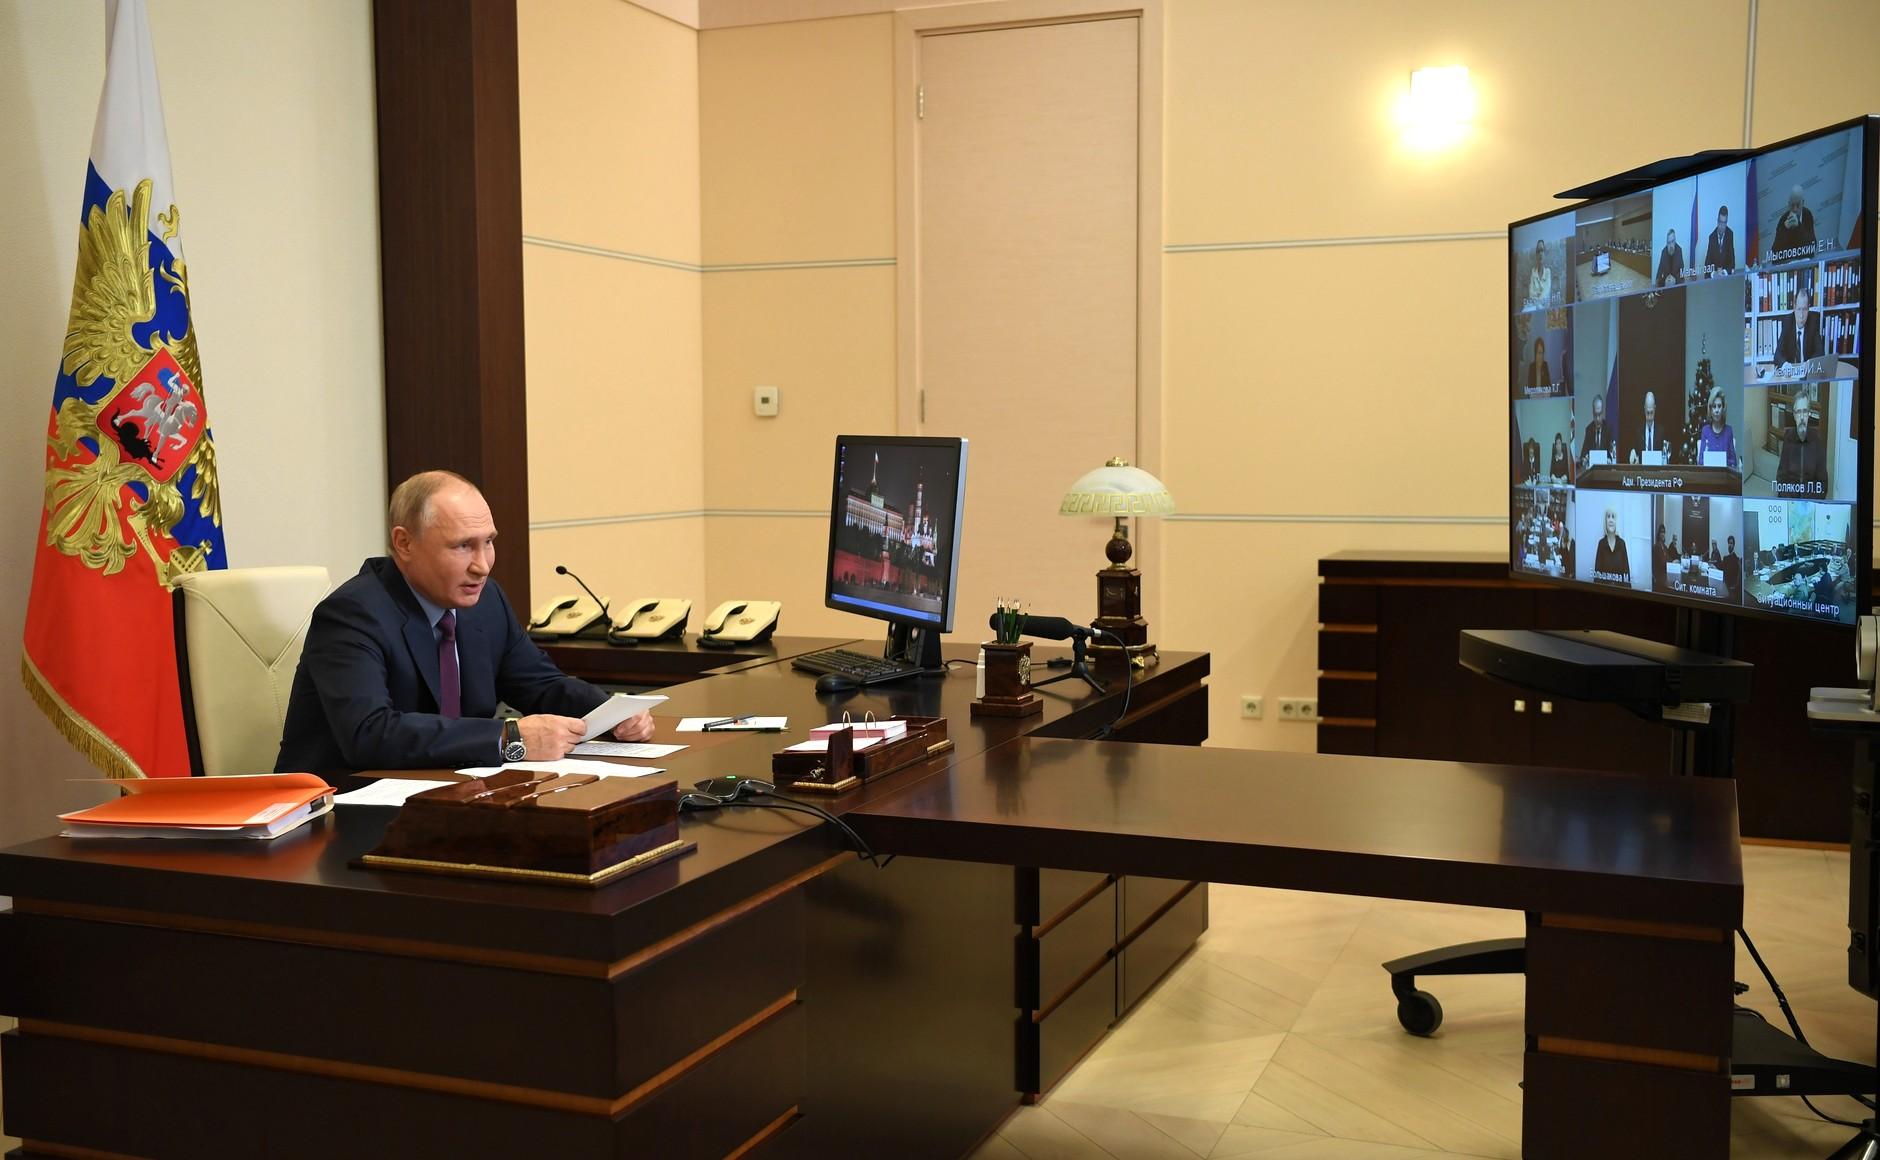 KREMLIN 1 PH 6 Réunion 10.12.2020 du Conseil de la société civile et des droits de l'homme du 10.12.2020